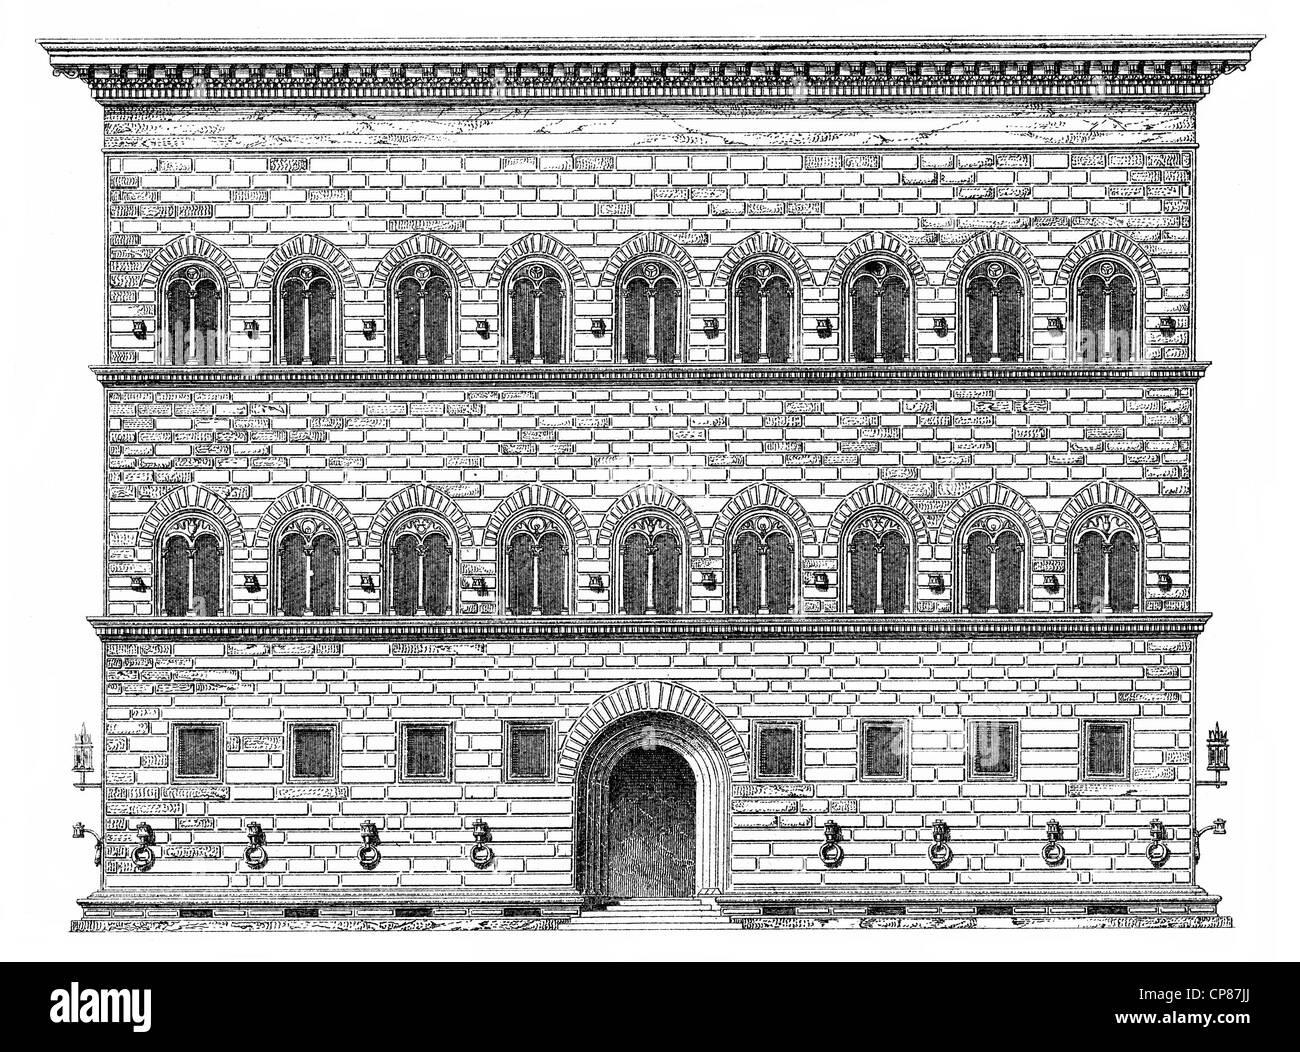 Palazzo Strozzi, Renaissance-Palast in Florenz, Italien, 15. Jahrhundert, Historische, Zeichnerische Darstellung, Stockbild